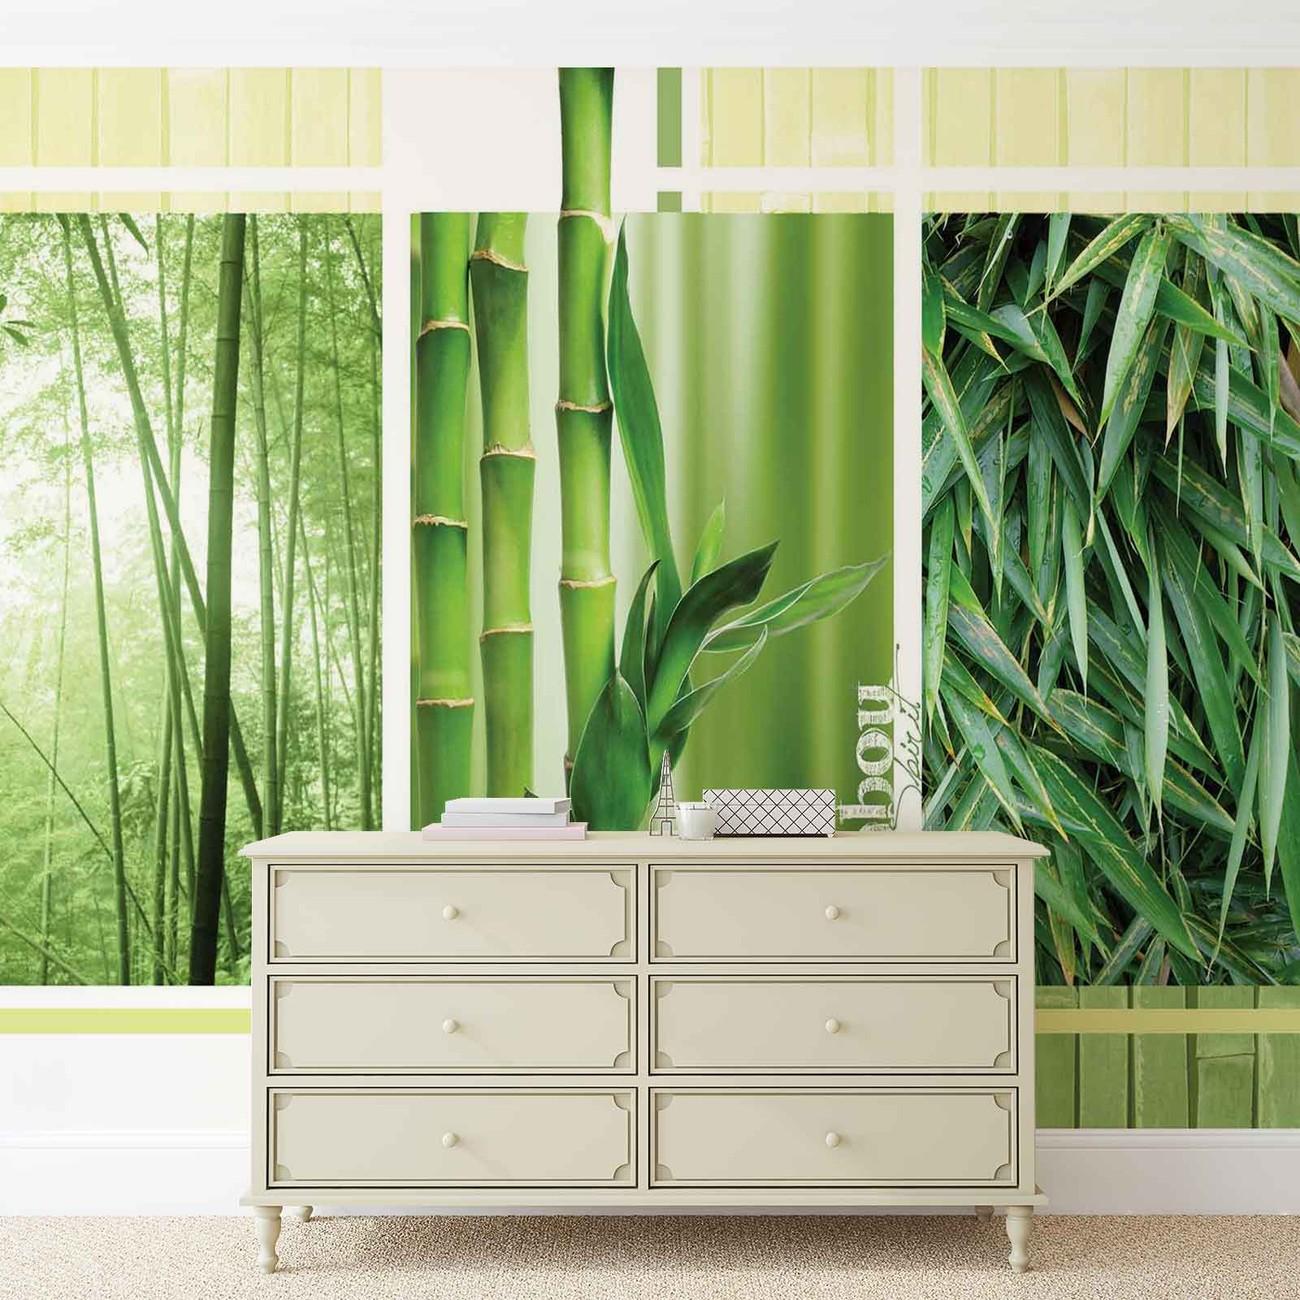 for t bambou nature poster mural papier peint acheter le sur. Black Bedroom Furniture Sets. Home Design Ideas